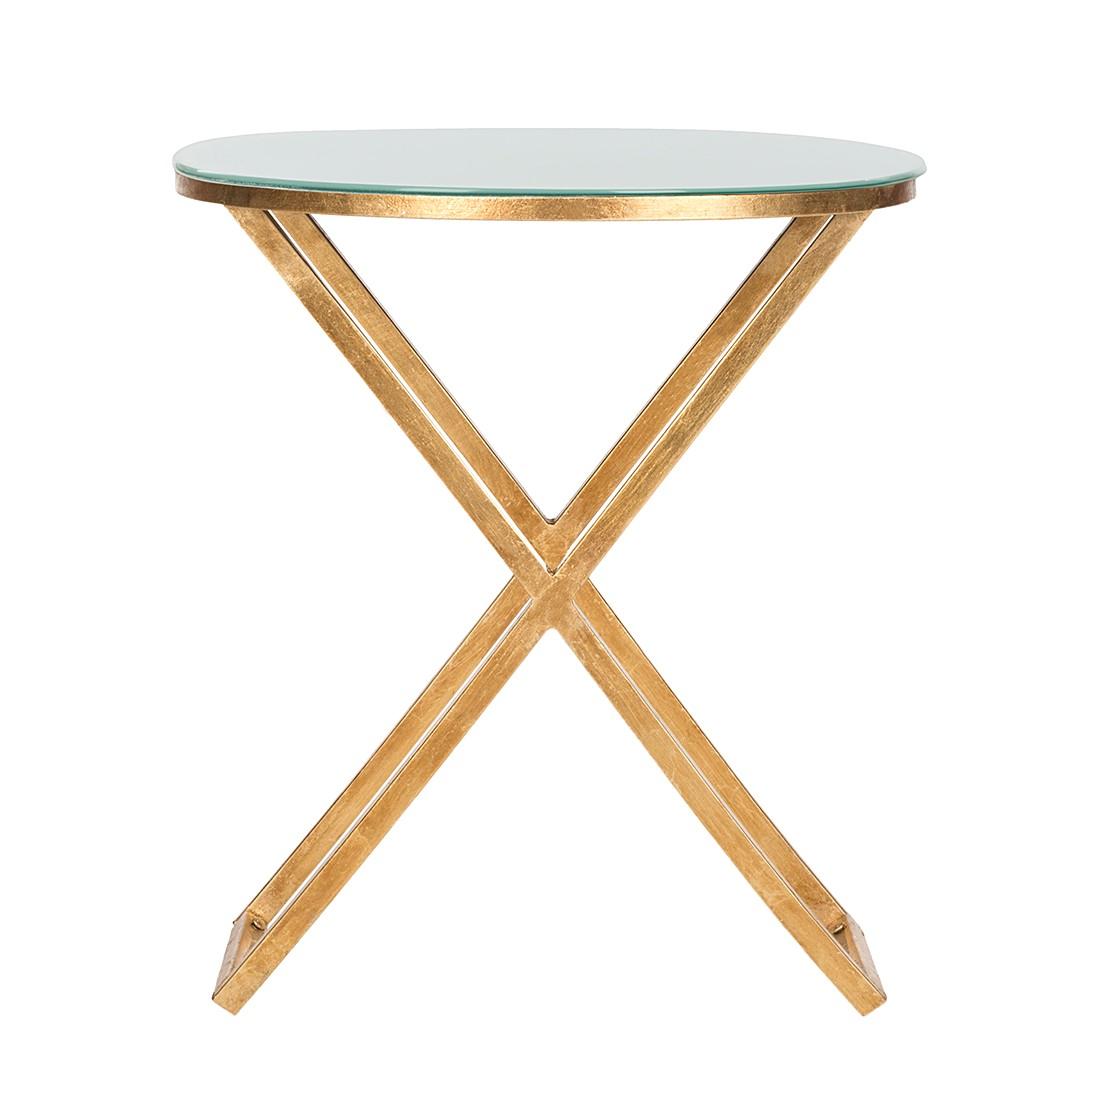 Table d'appoint Riona - Fer doré / Verre blanc, Safavieh